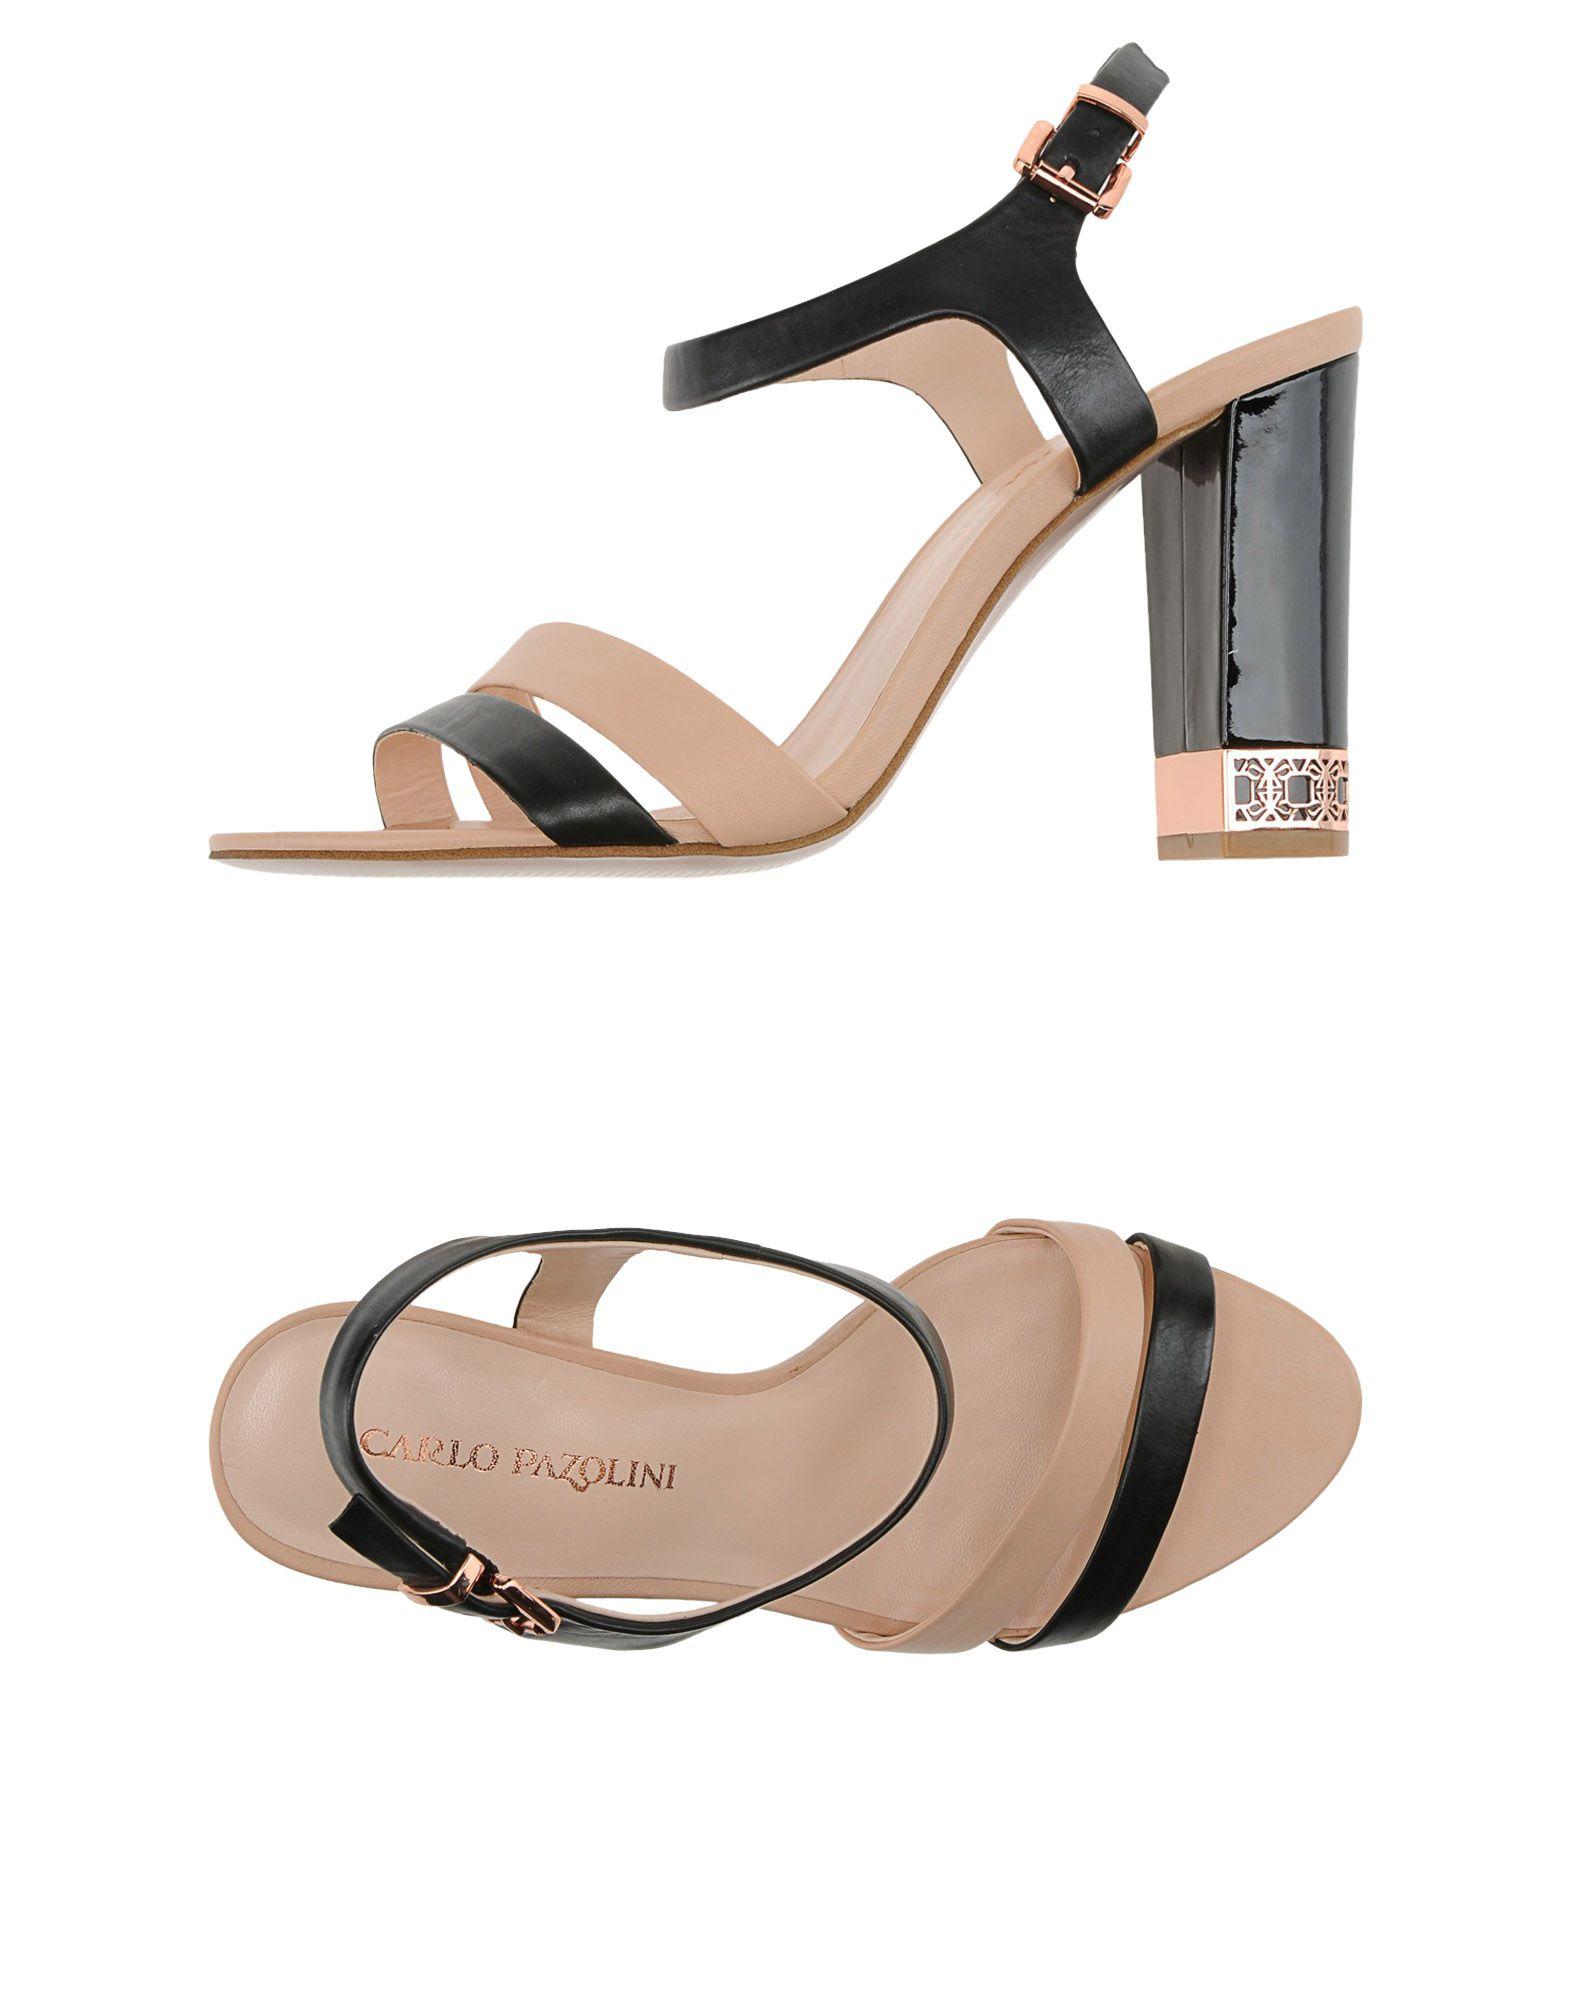 Carlo pazolini Sandals in Black   Lyst